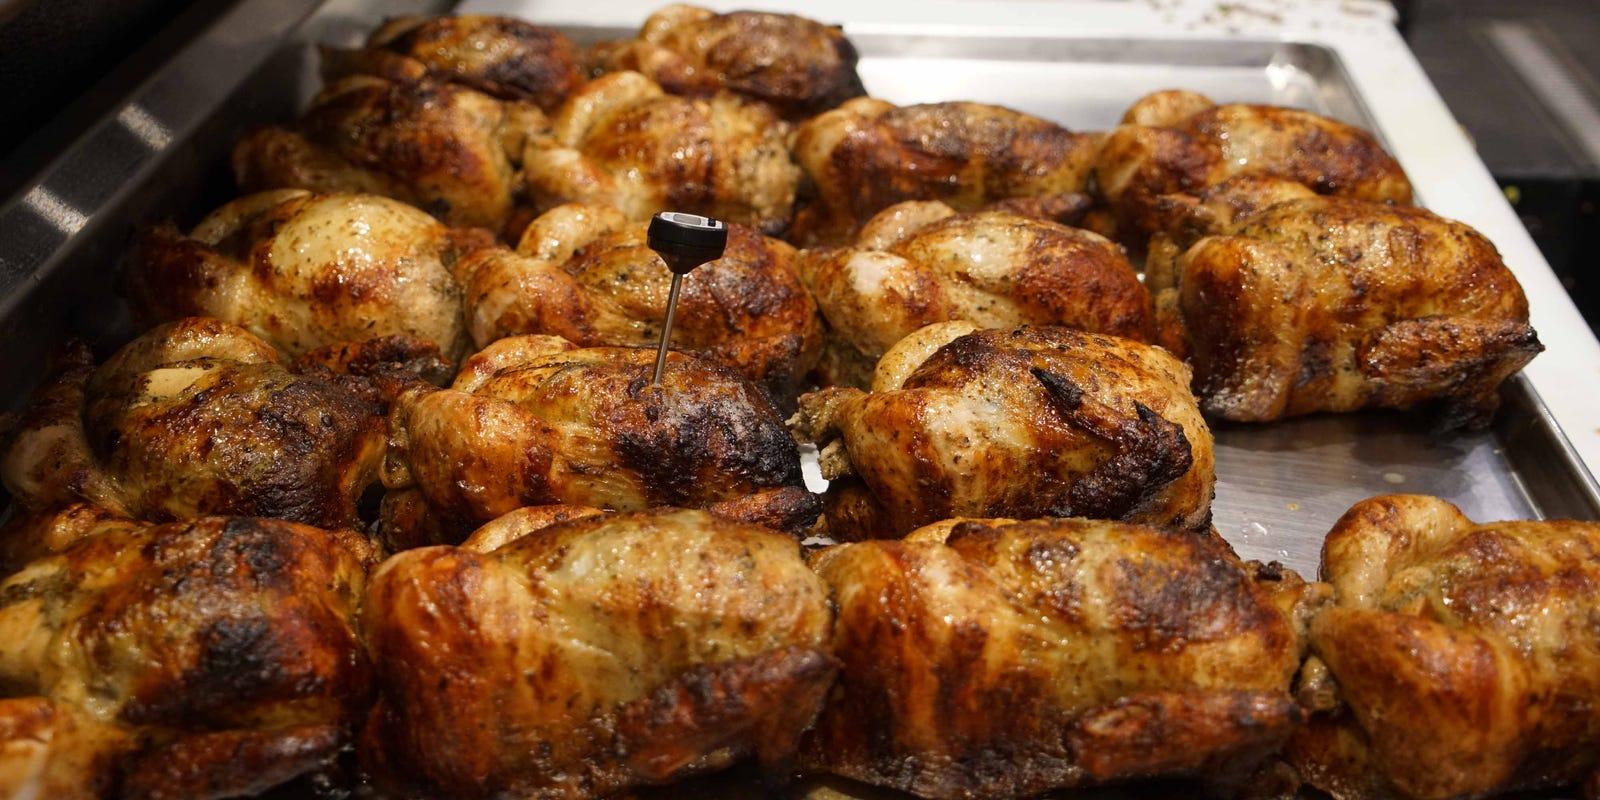 Viva chicken brings peruvian rotisserie chicken to delaware forumfinder Gallery